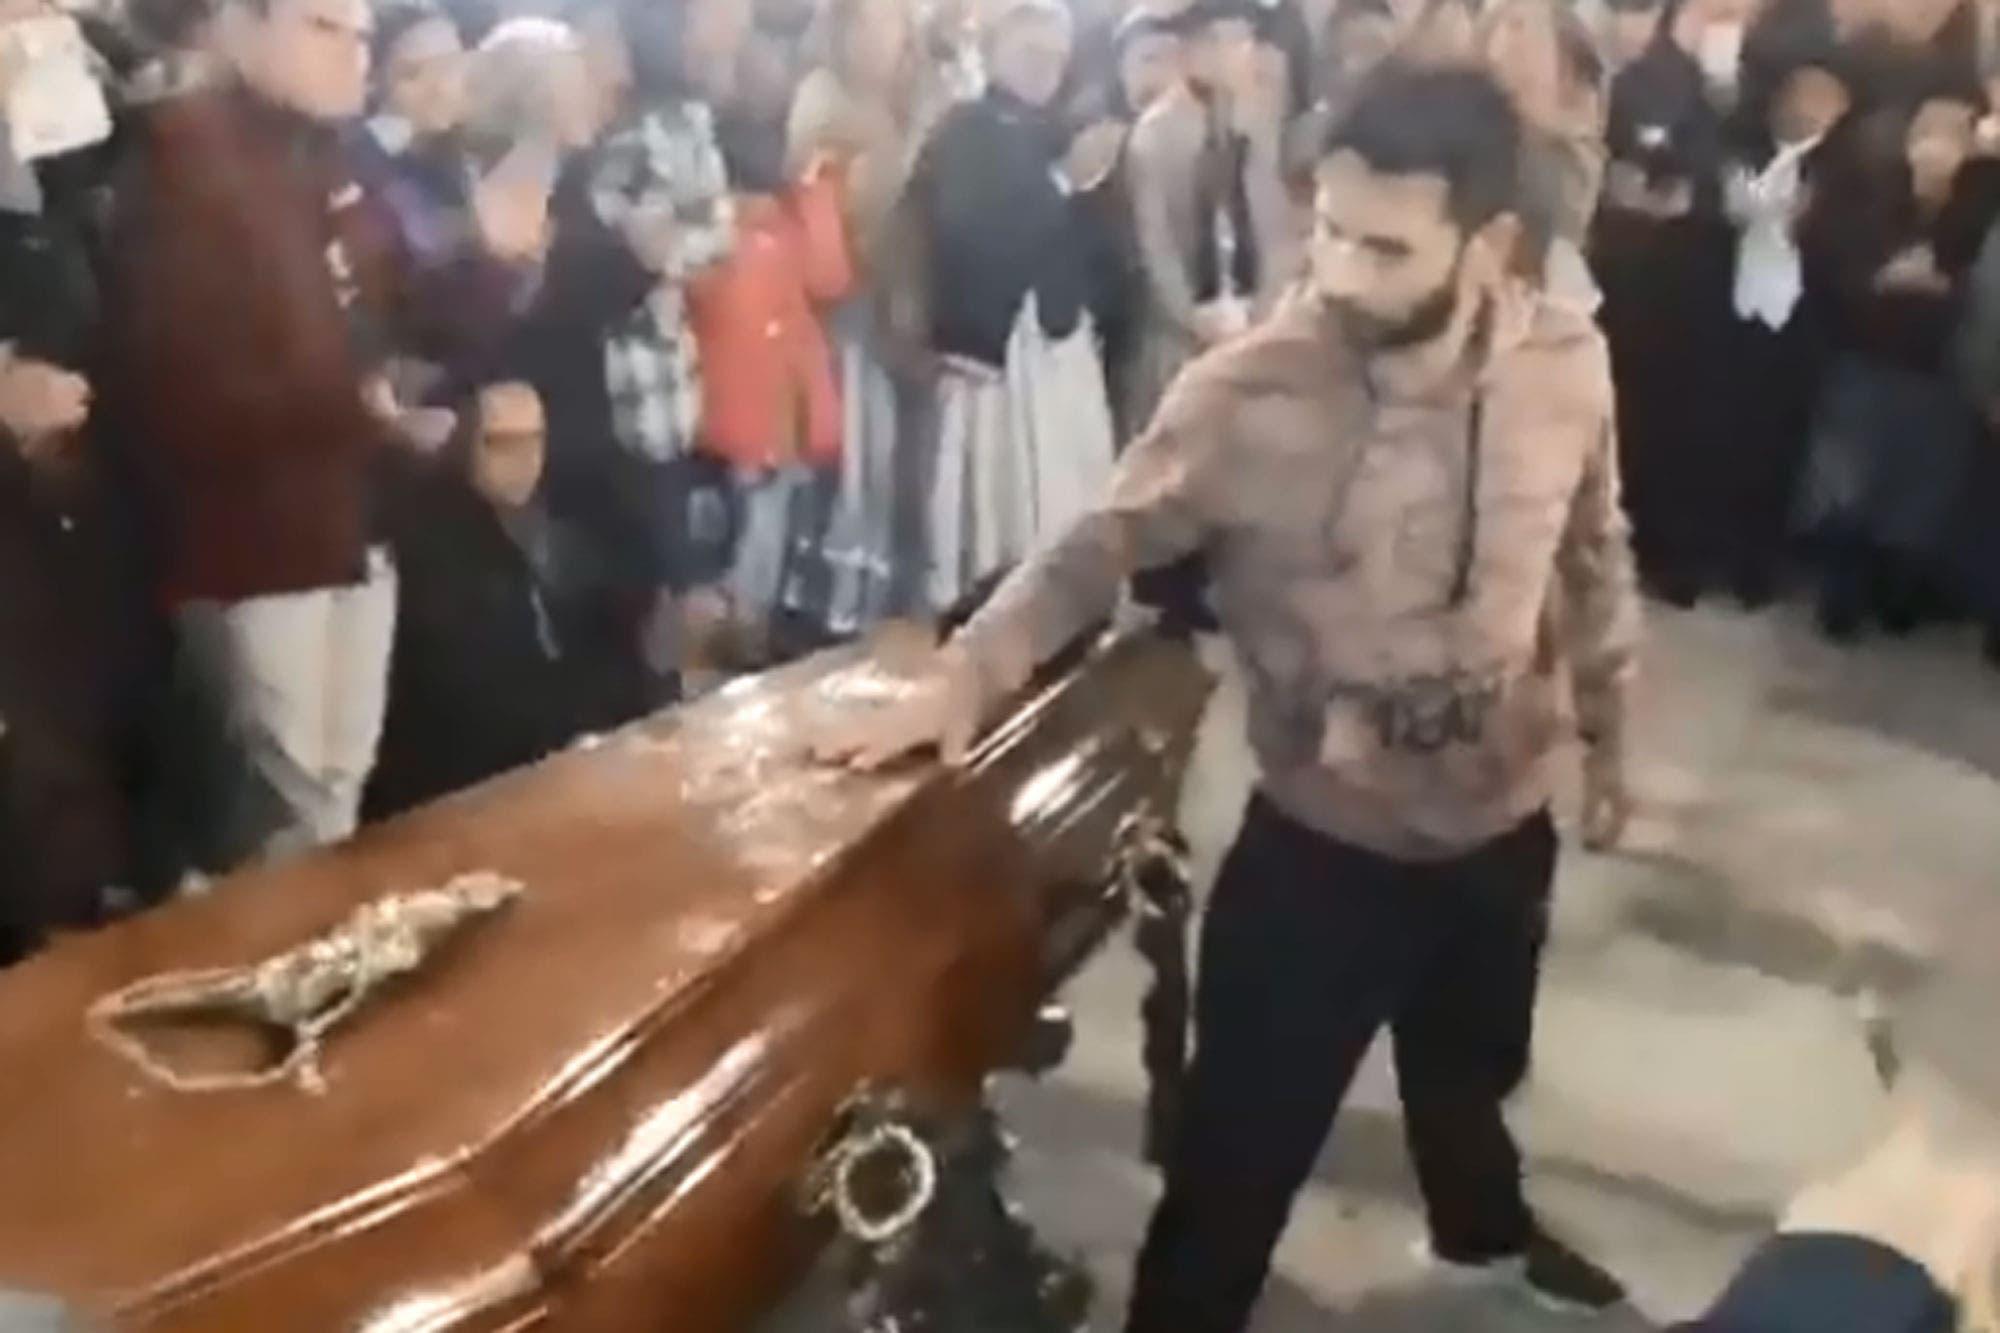 El impresionante funeral de un profesor de folklore tucumano: sus alumnos bailaron malambo en su honor - LA NACION